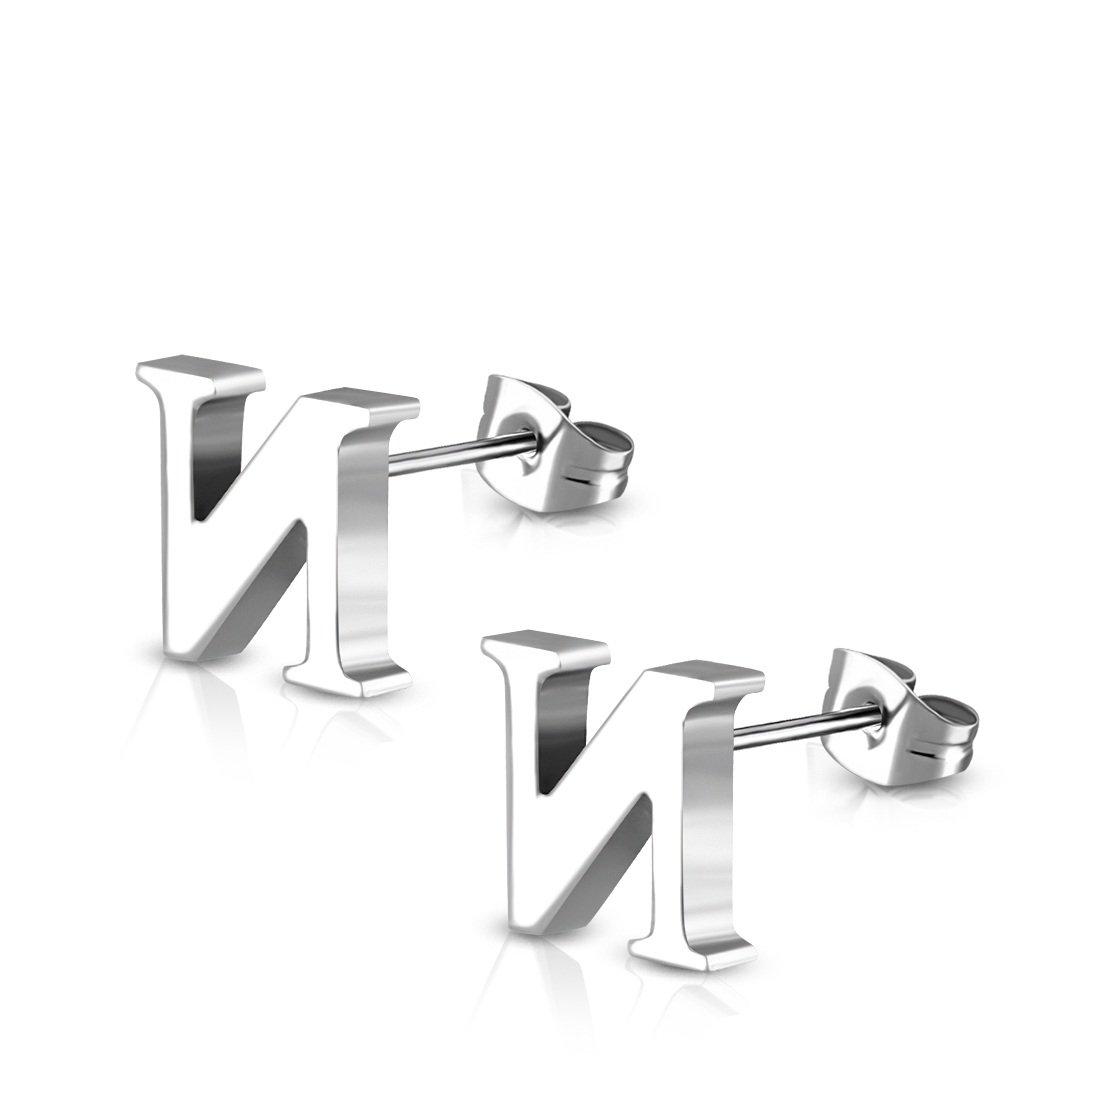 Stainless Steel Alphabet N Stud Earrings pair